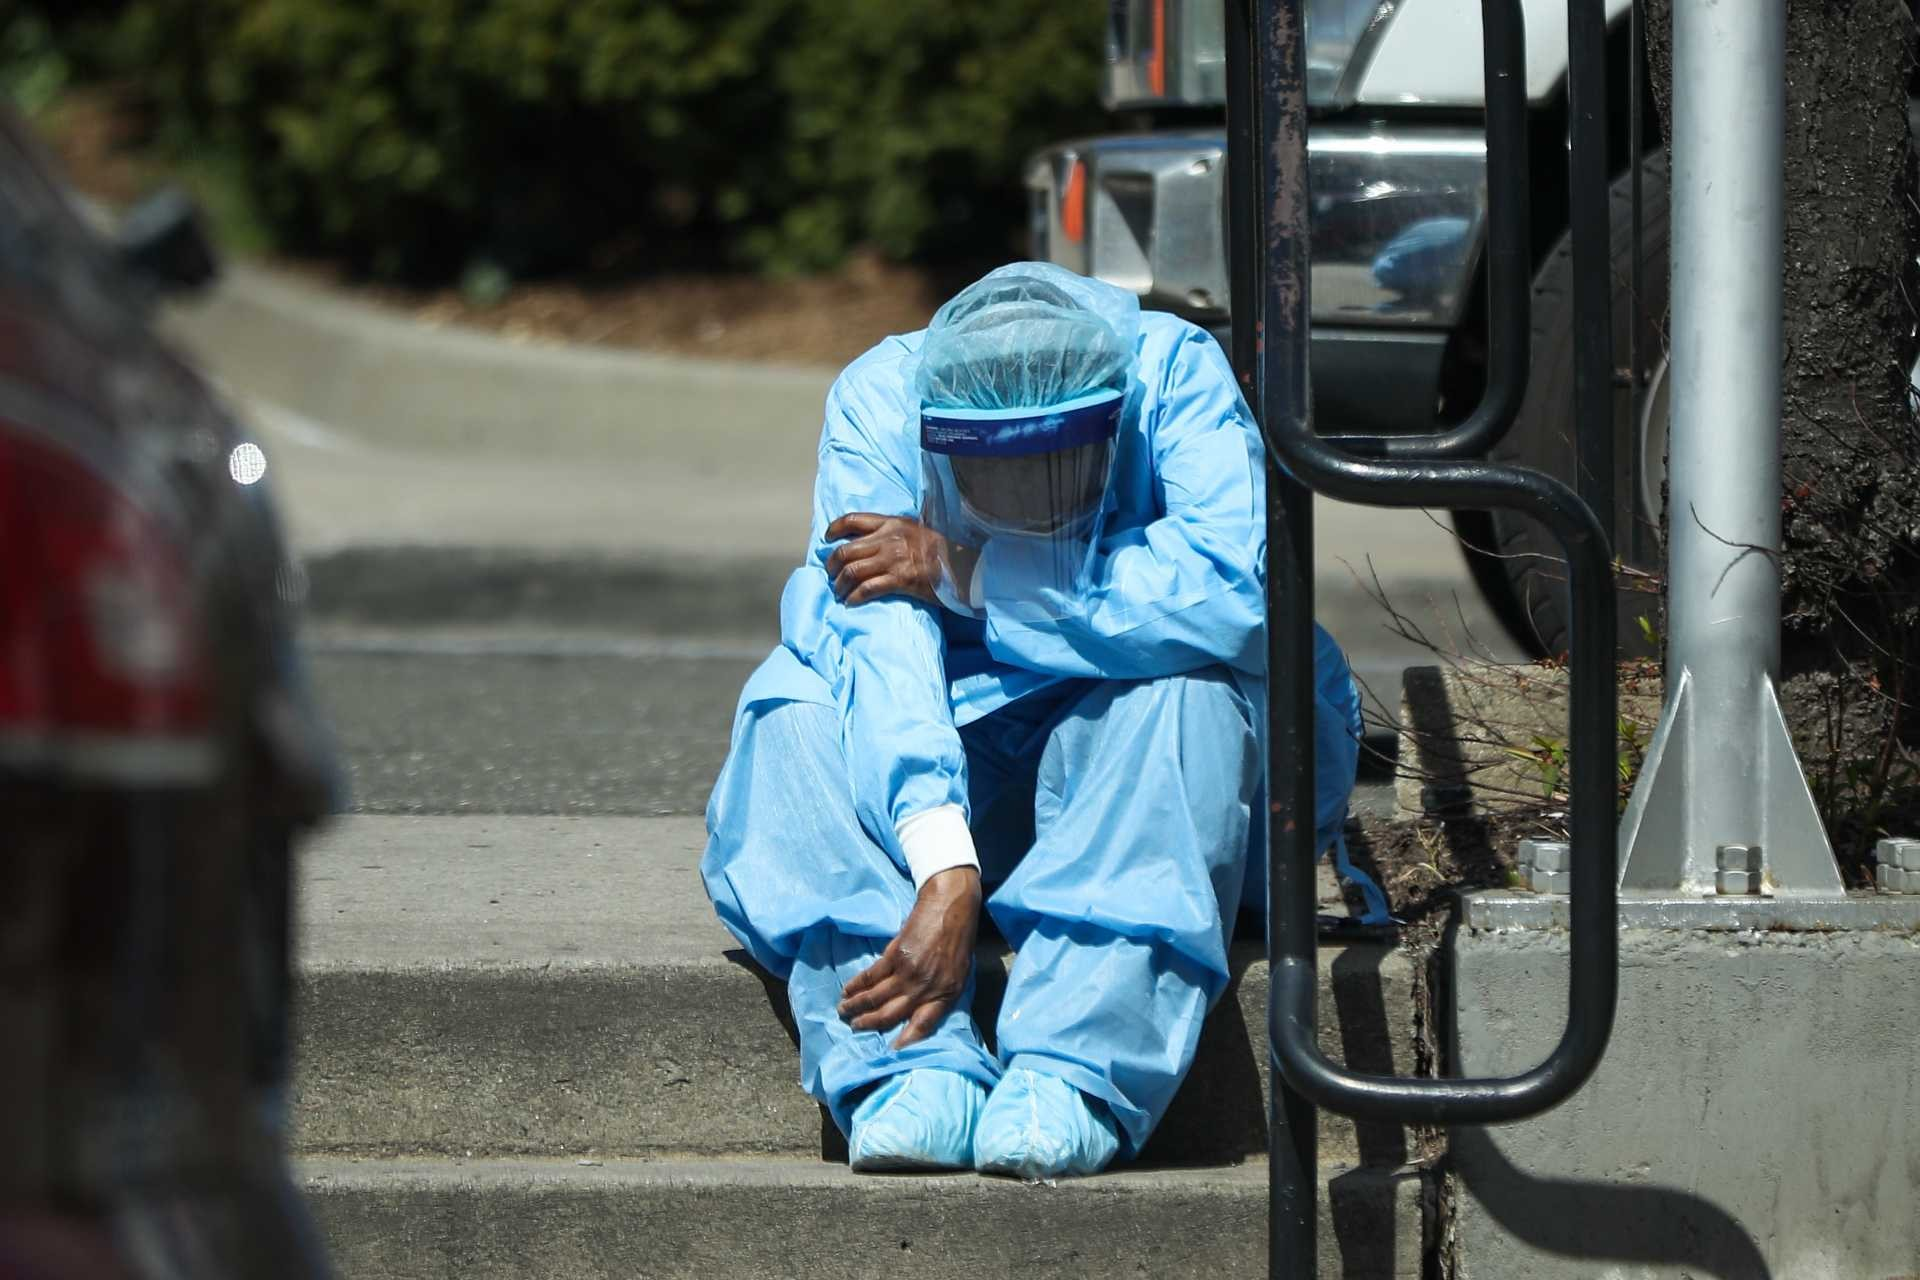 ABD New York'ta Brooklyn Hastanesinde koronavirüs (Kovid-19) hastalarına bakan bir doktorun hastane önünde yorgun olduğu gözlendi.